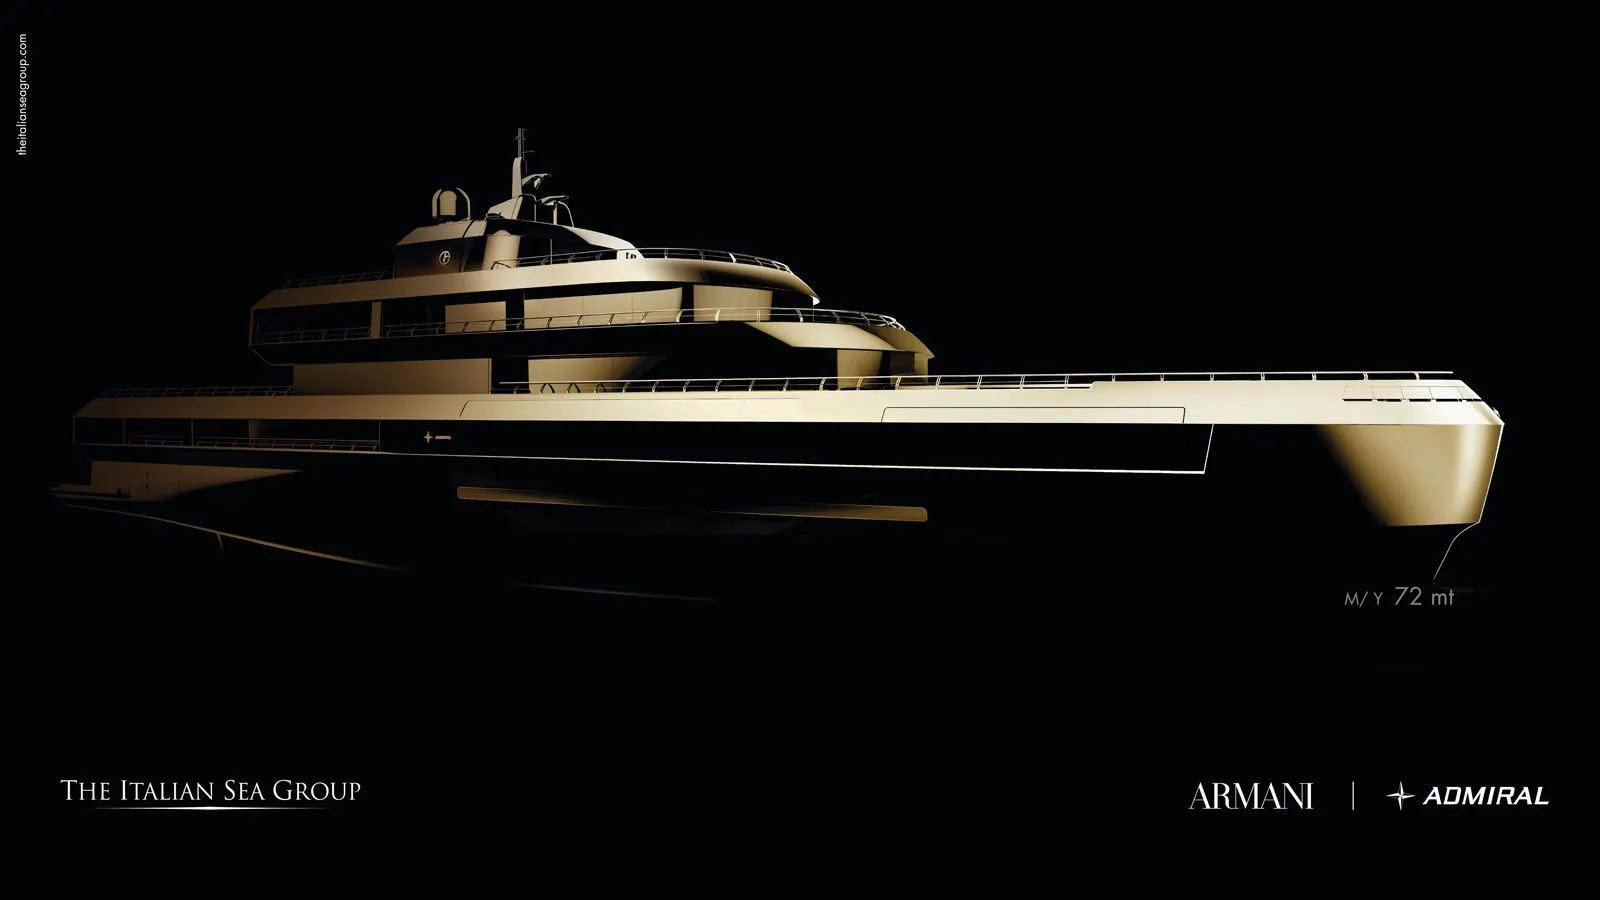 Giorgio Armani se asocia con The Italian Sea Group en un proyecto de superyate de 72 metros